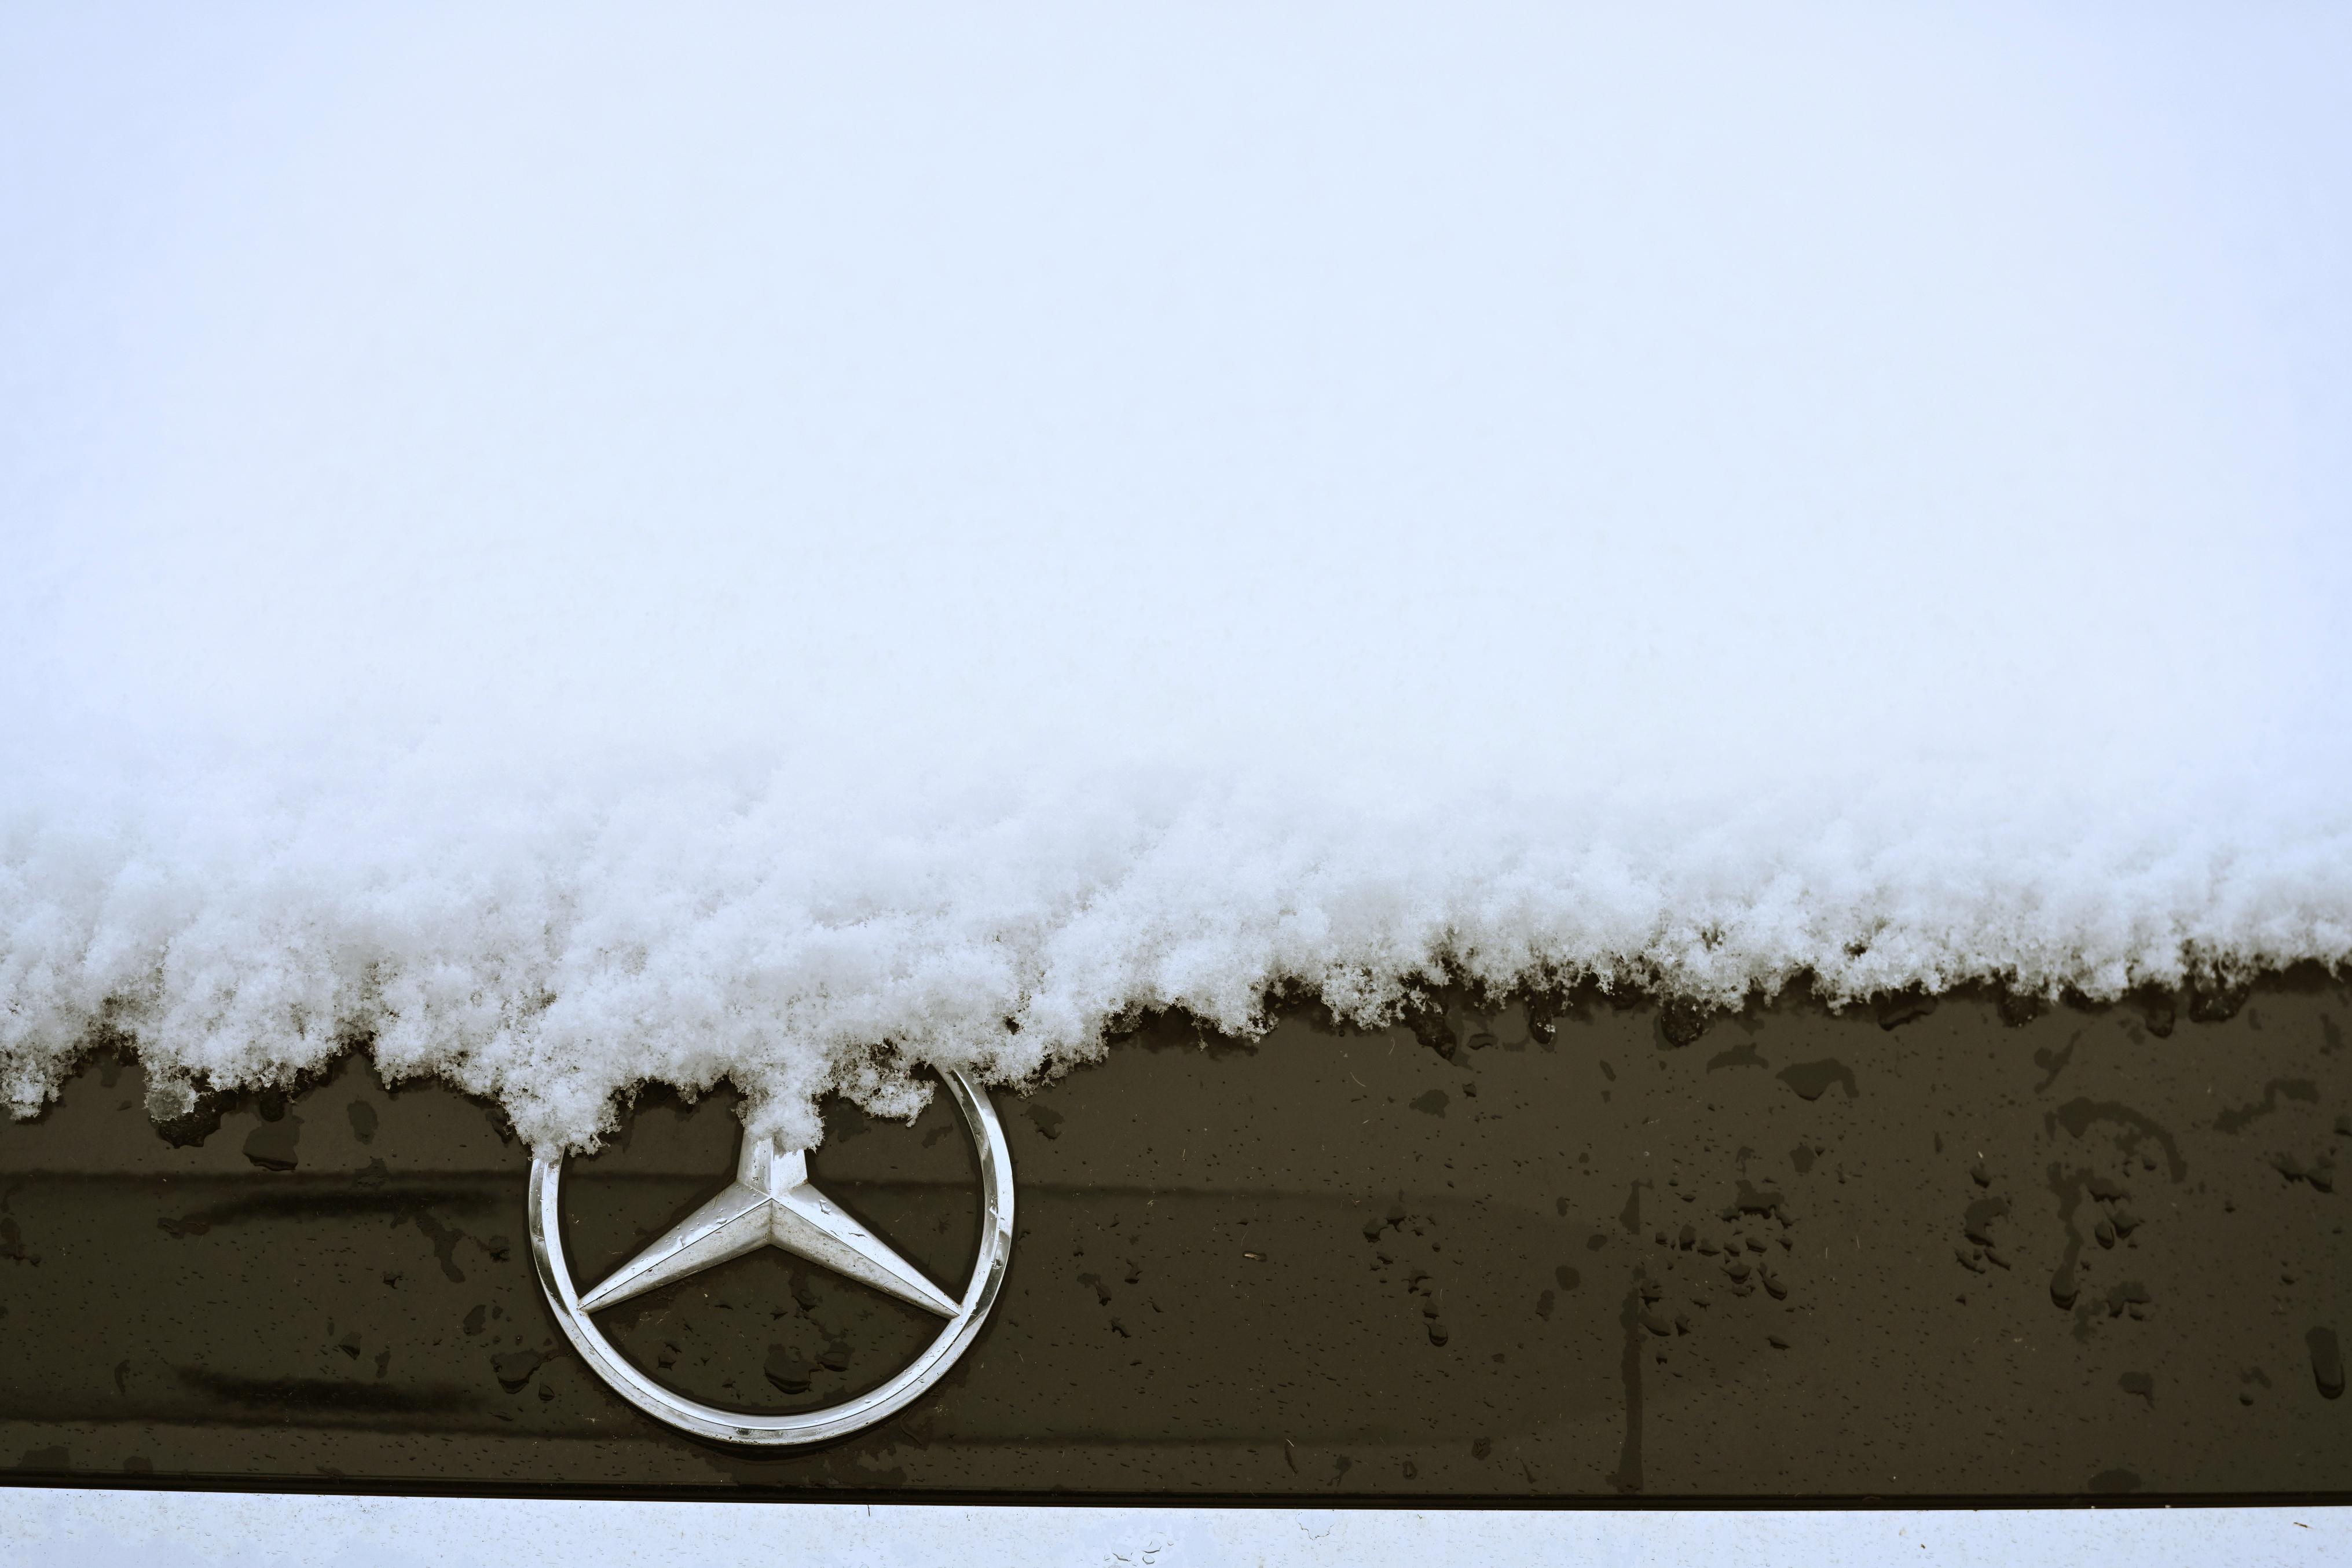 1,29 millió autót hív vissza a Mercedes, mert félő, hogy egy baleset után nem pontosan jeleznék az autó helyzetét a mentőknek